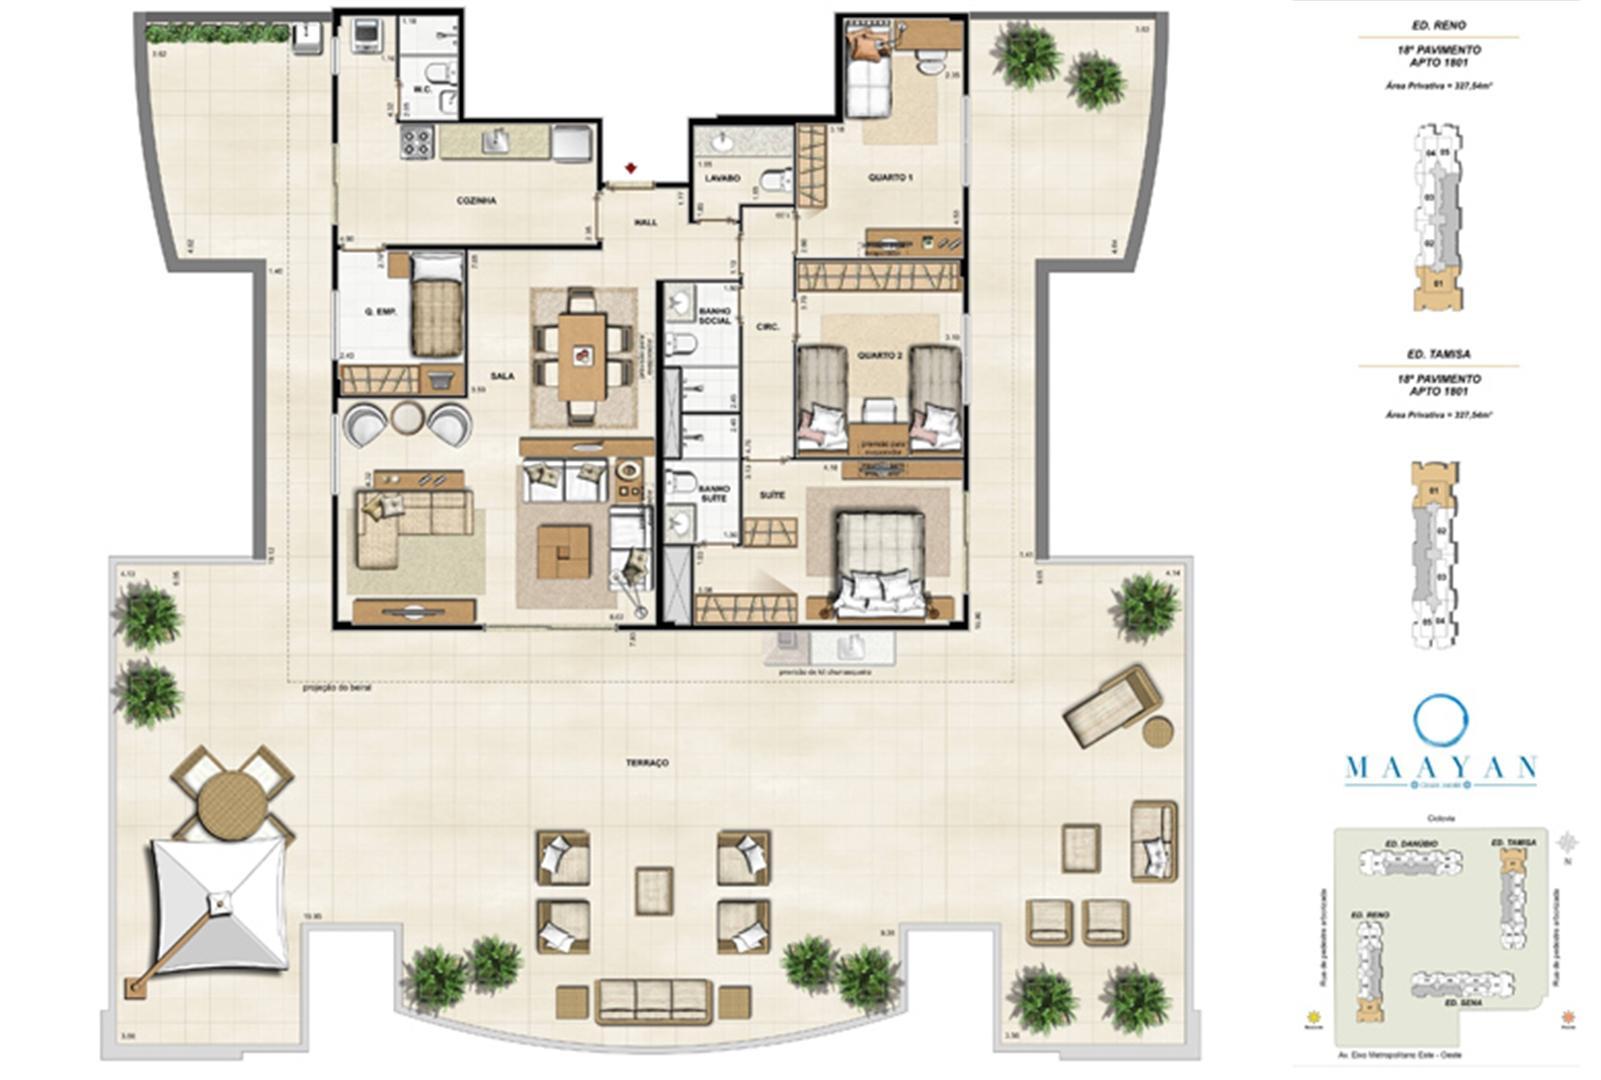 Cobertura 1801 - Ed. Reno e Tamisa | Maayan – Apartamento no  Cidade Jardim - Rio de Janeiro - Rio de Janeiro